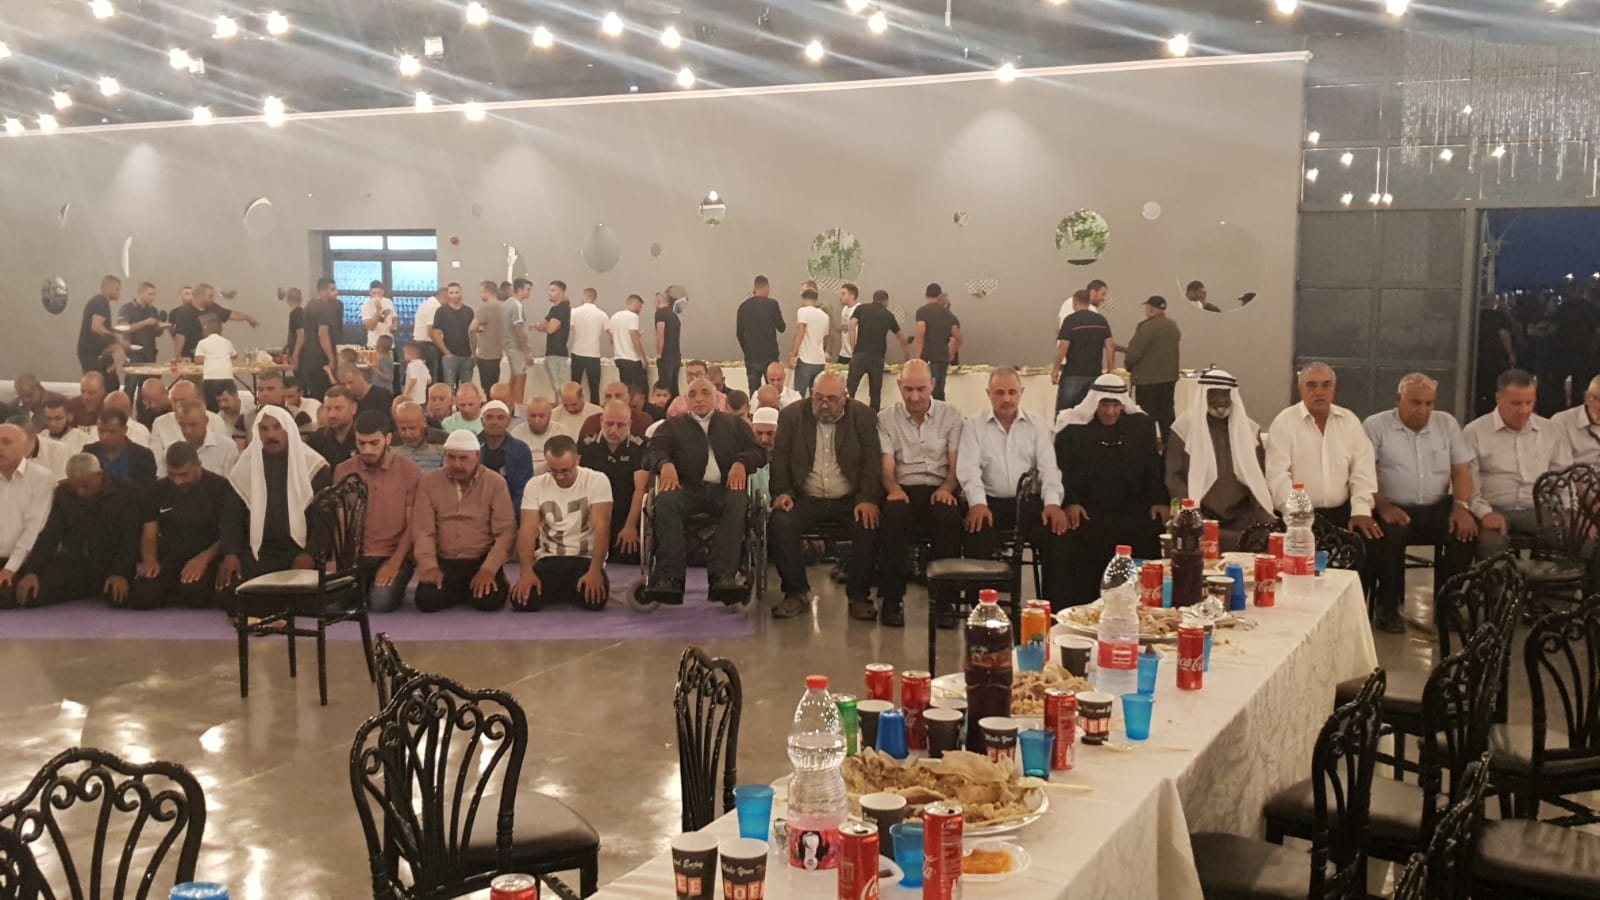 اللد: إفطار جماعي لأبناء اللد بمناسبة انتهاء موسم الدوري الممتاز